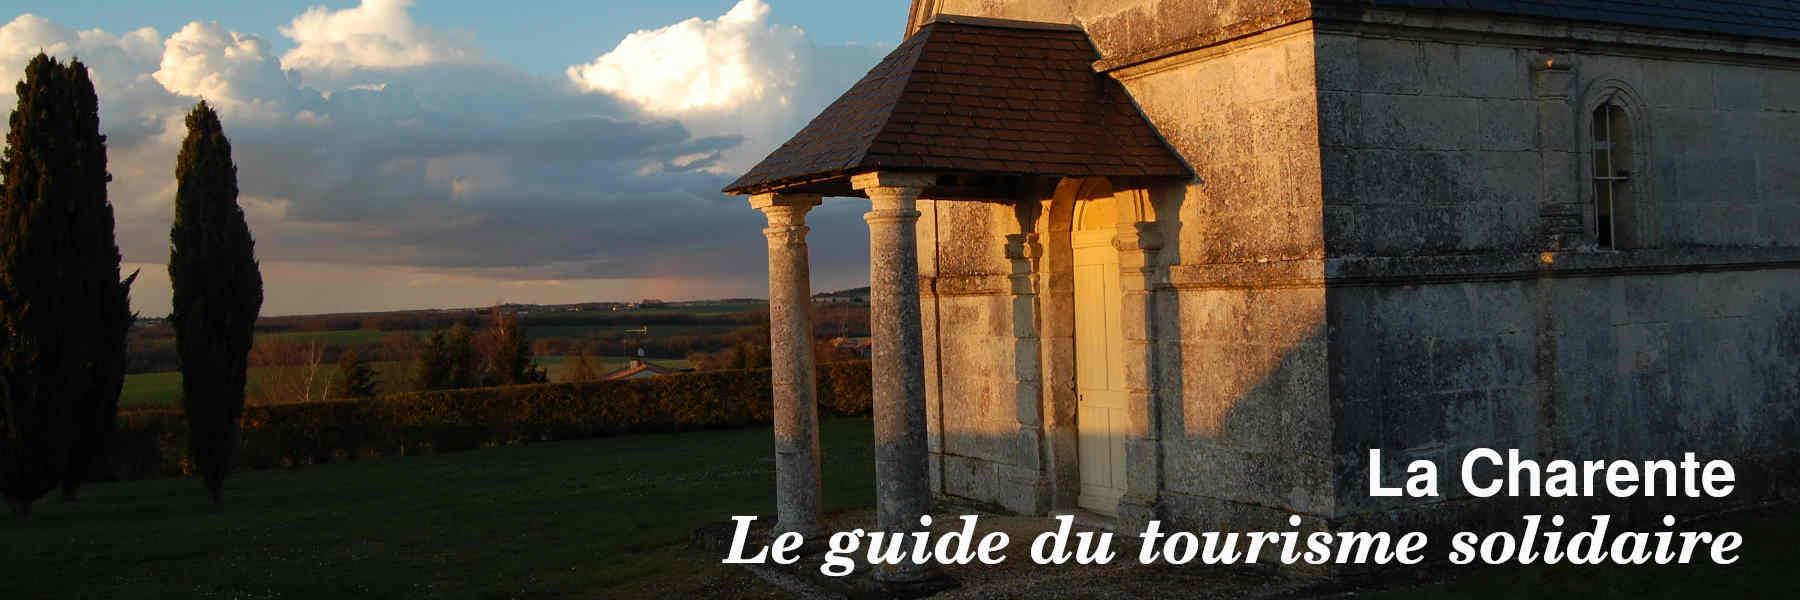 Le guide du tourisme solidaire en Charente